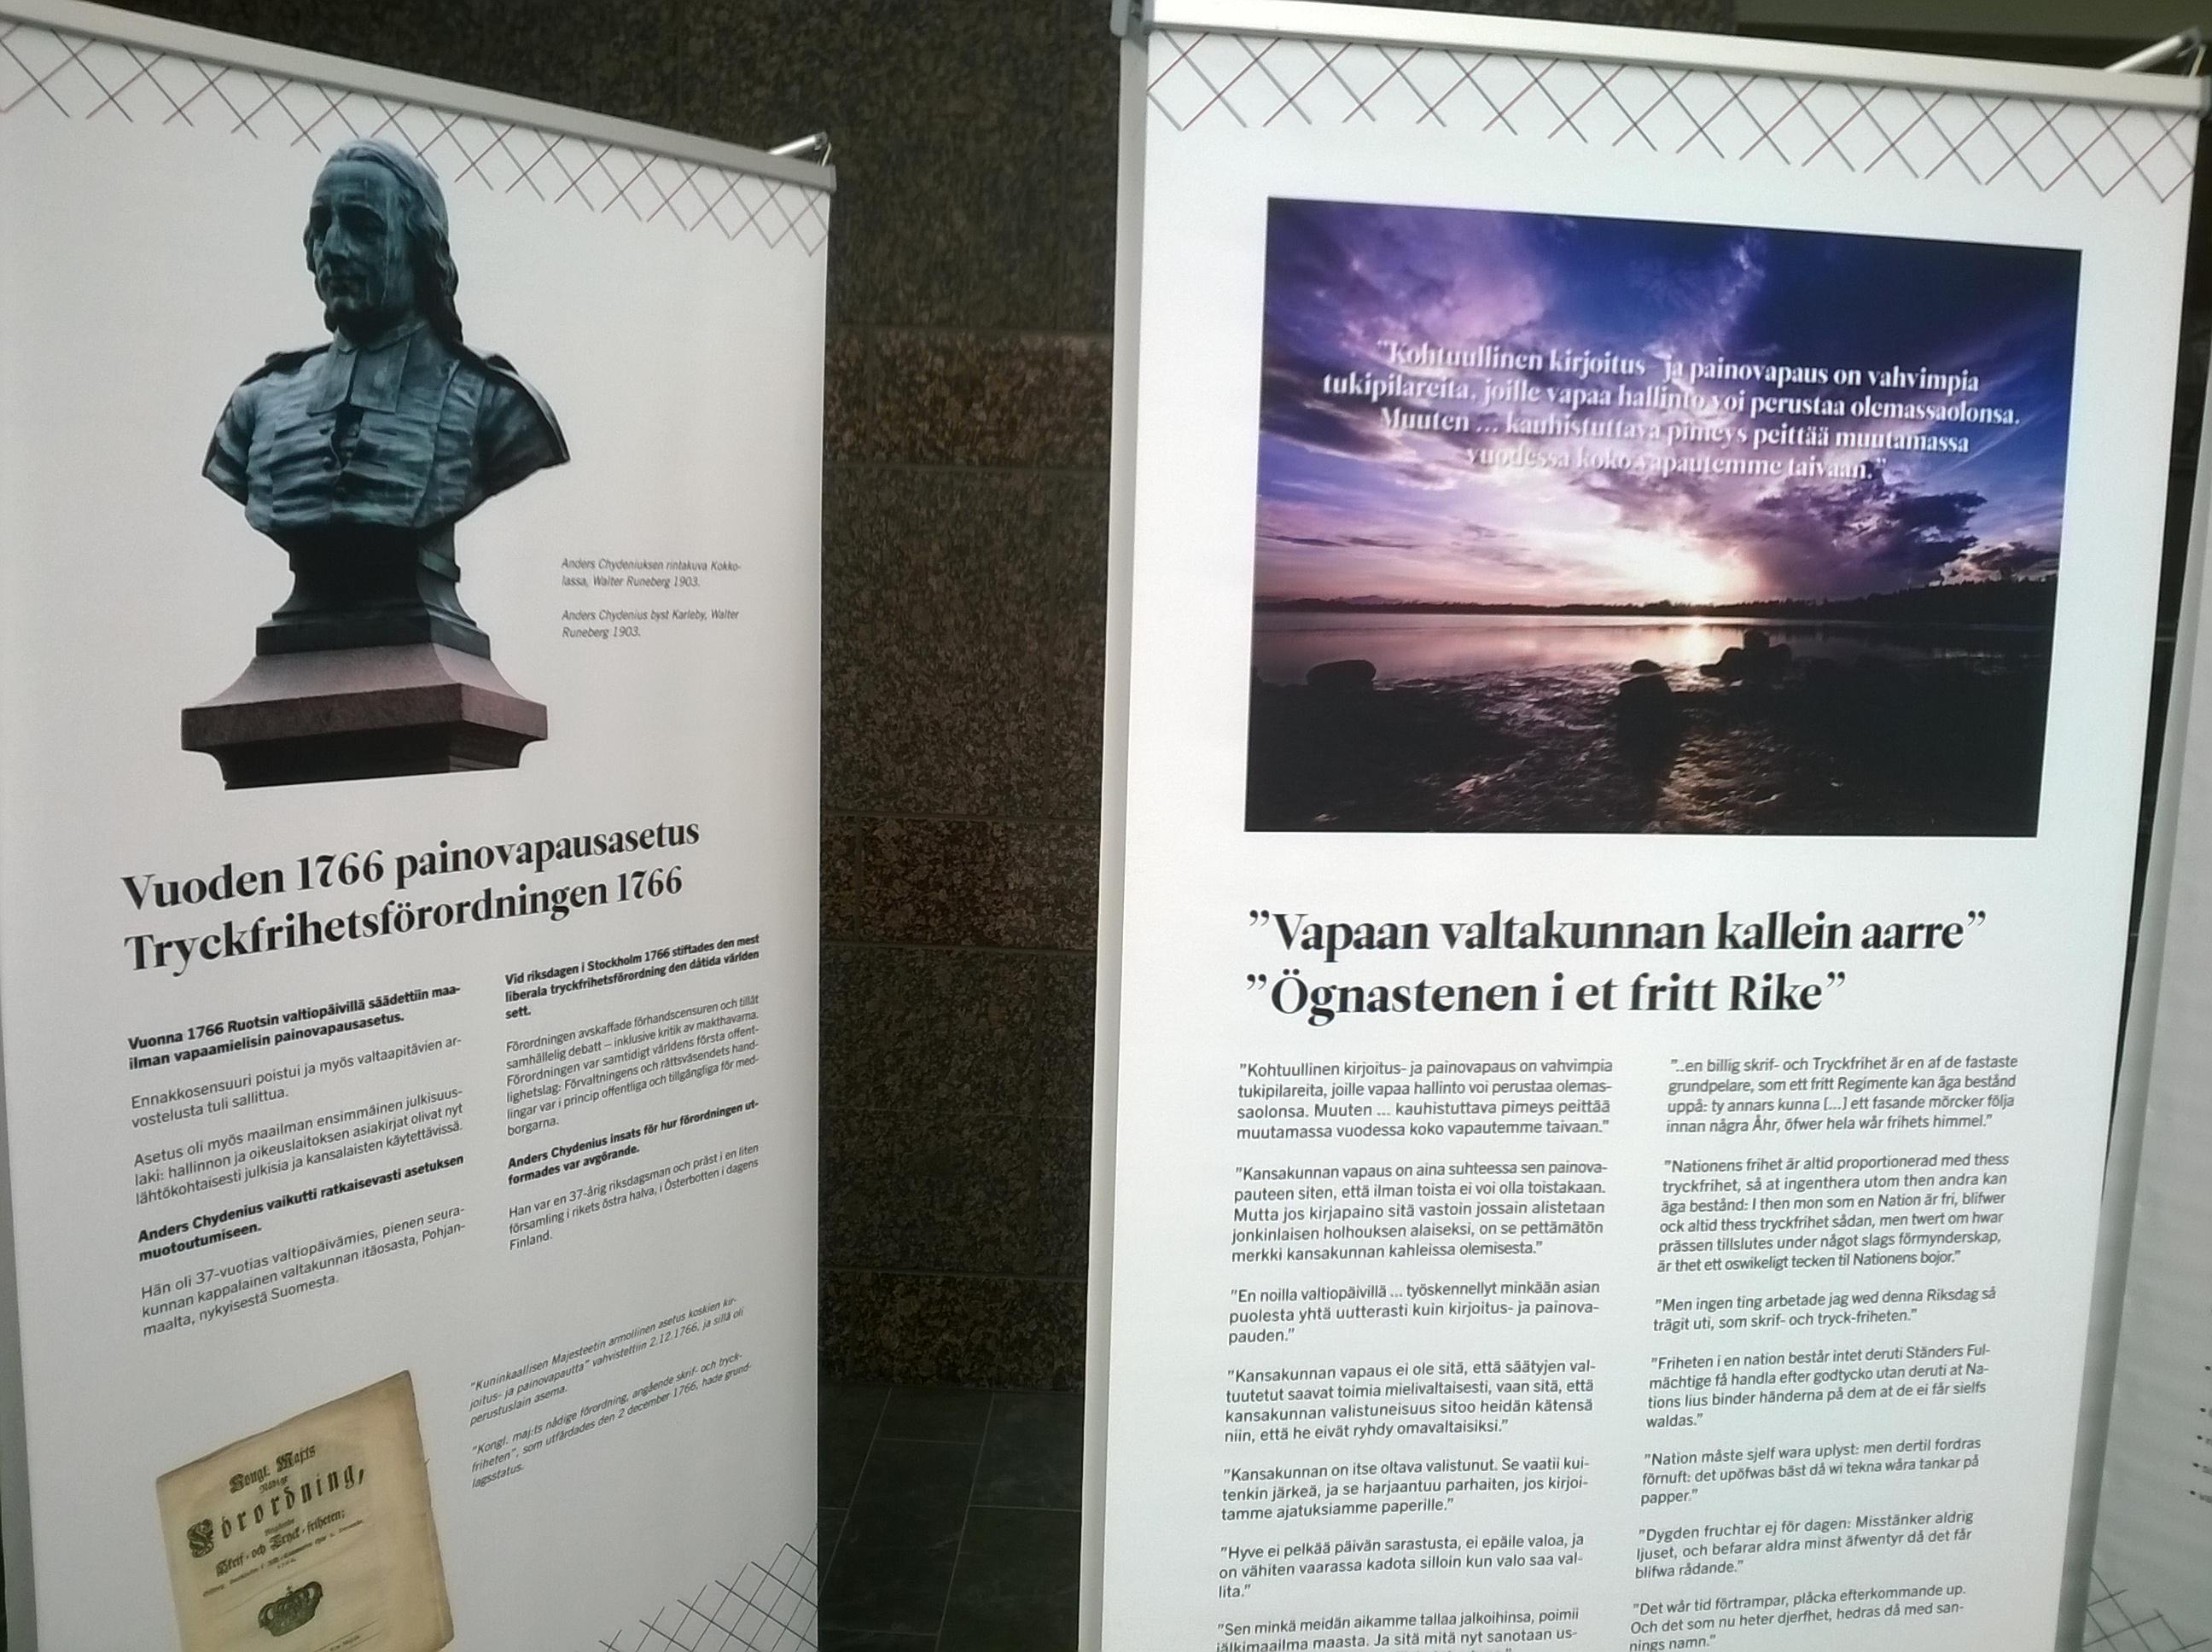 Utställningen Tryckfrihet 250 år öppnas i Riksdagsbiblioteket